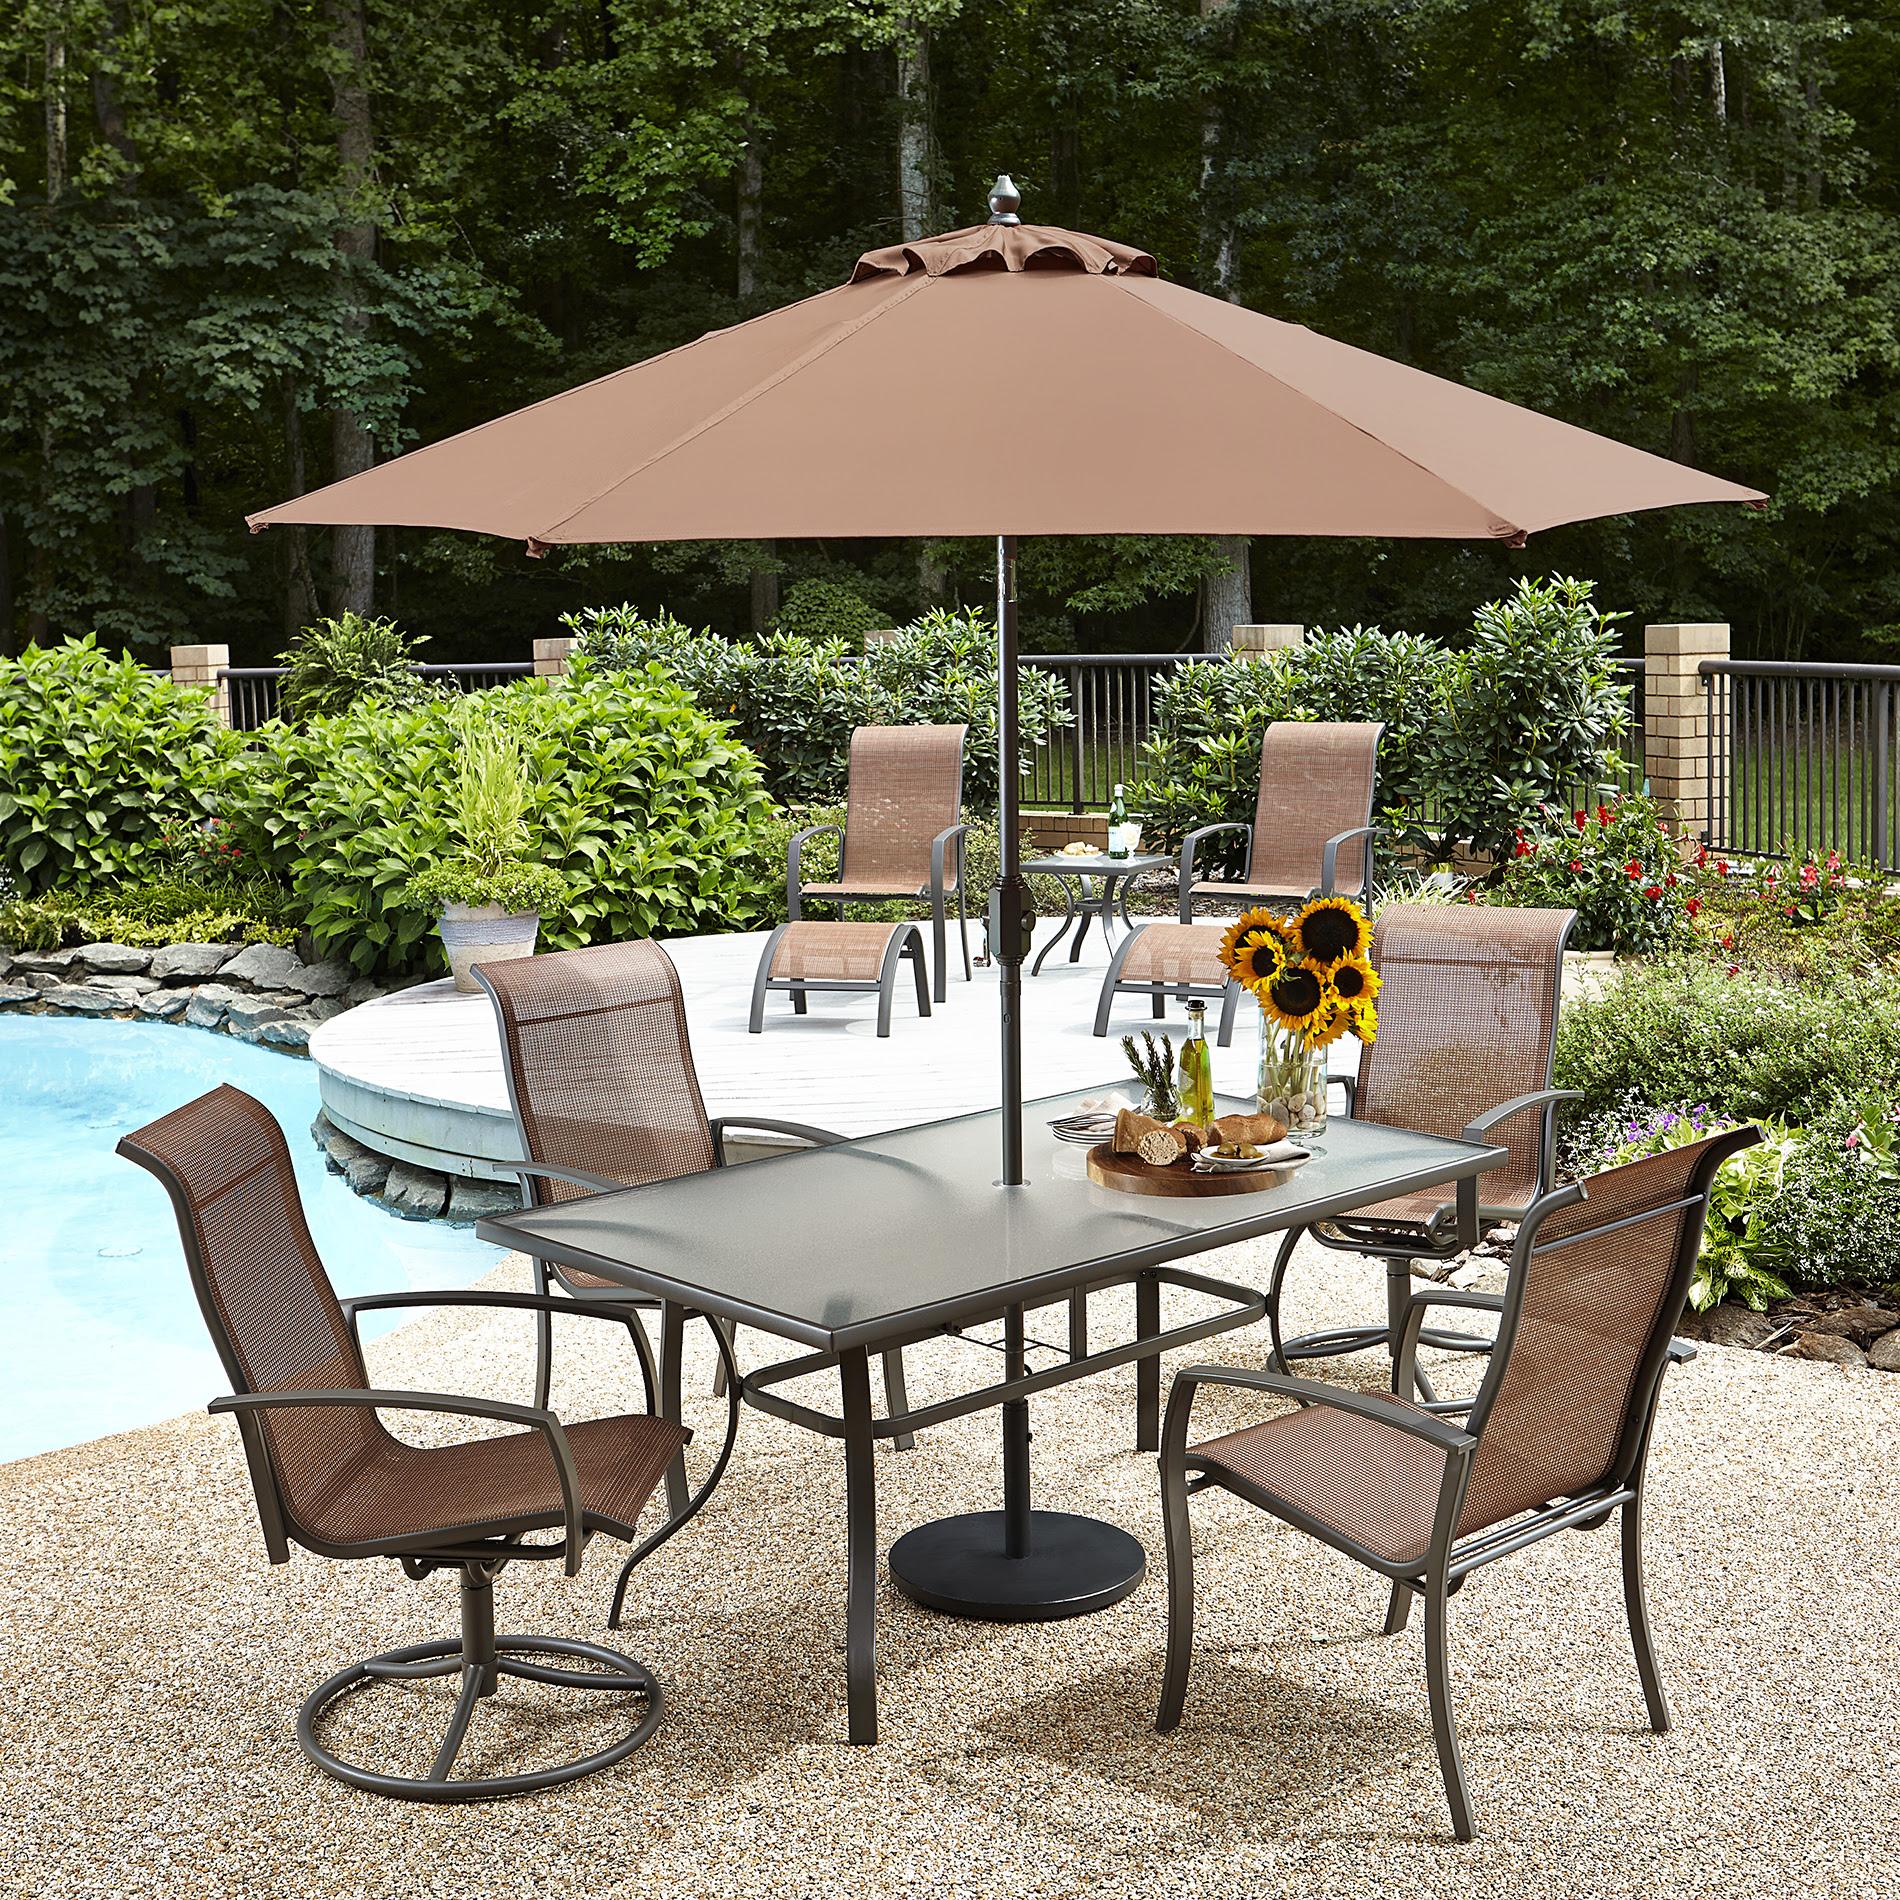 Essential Garden Harley Umbrella 9ft - Outdoor Living ...